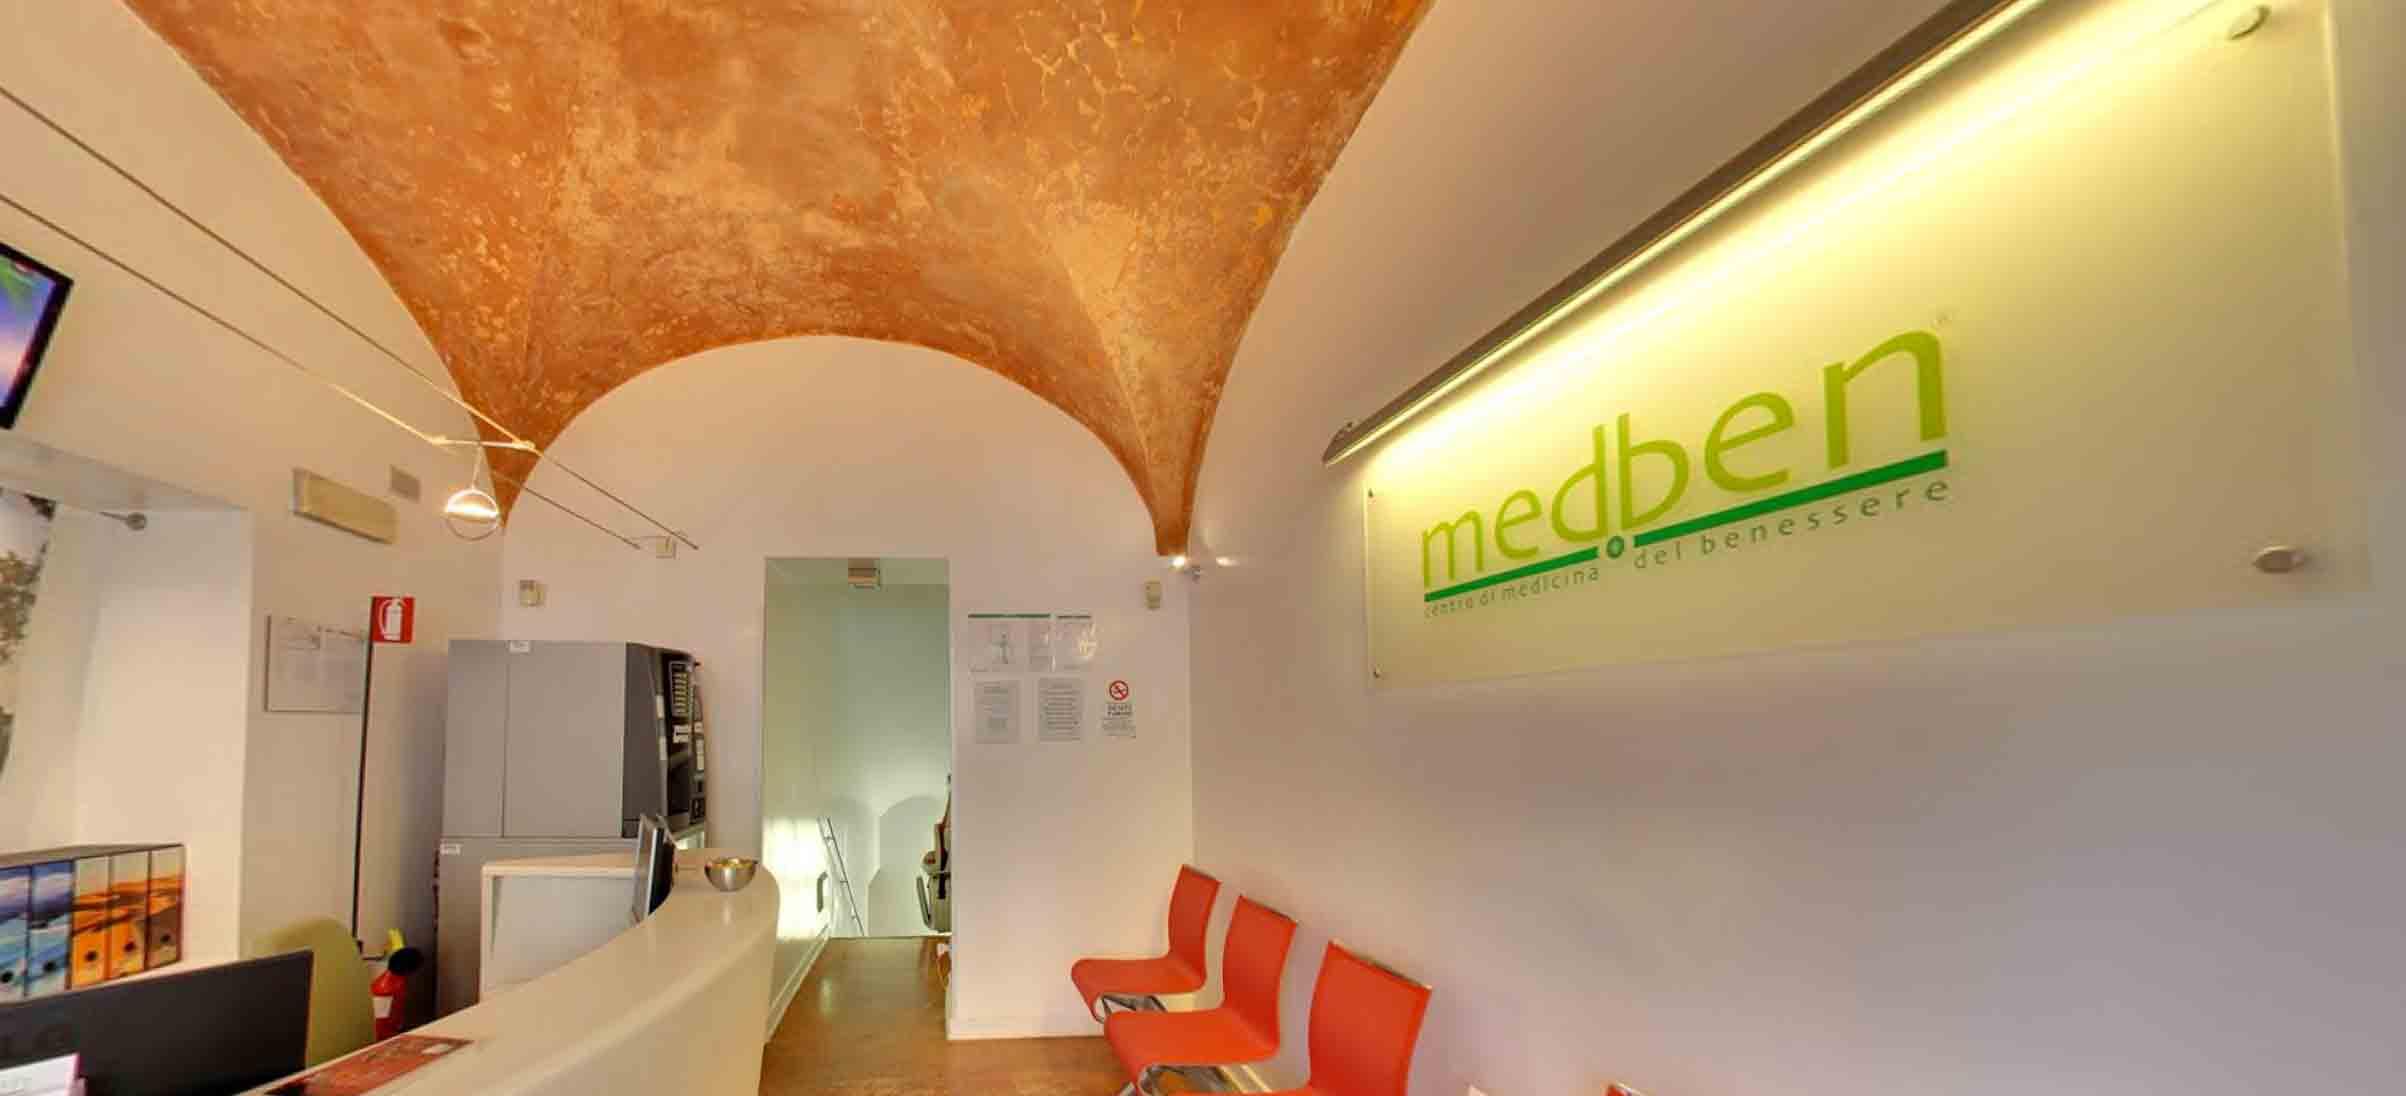 Medben Centro Di Fisioterapia Medicina E Benessere A Roma Centro